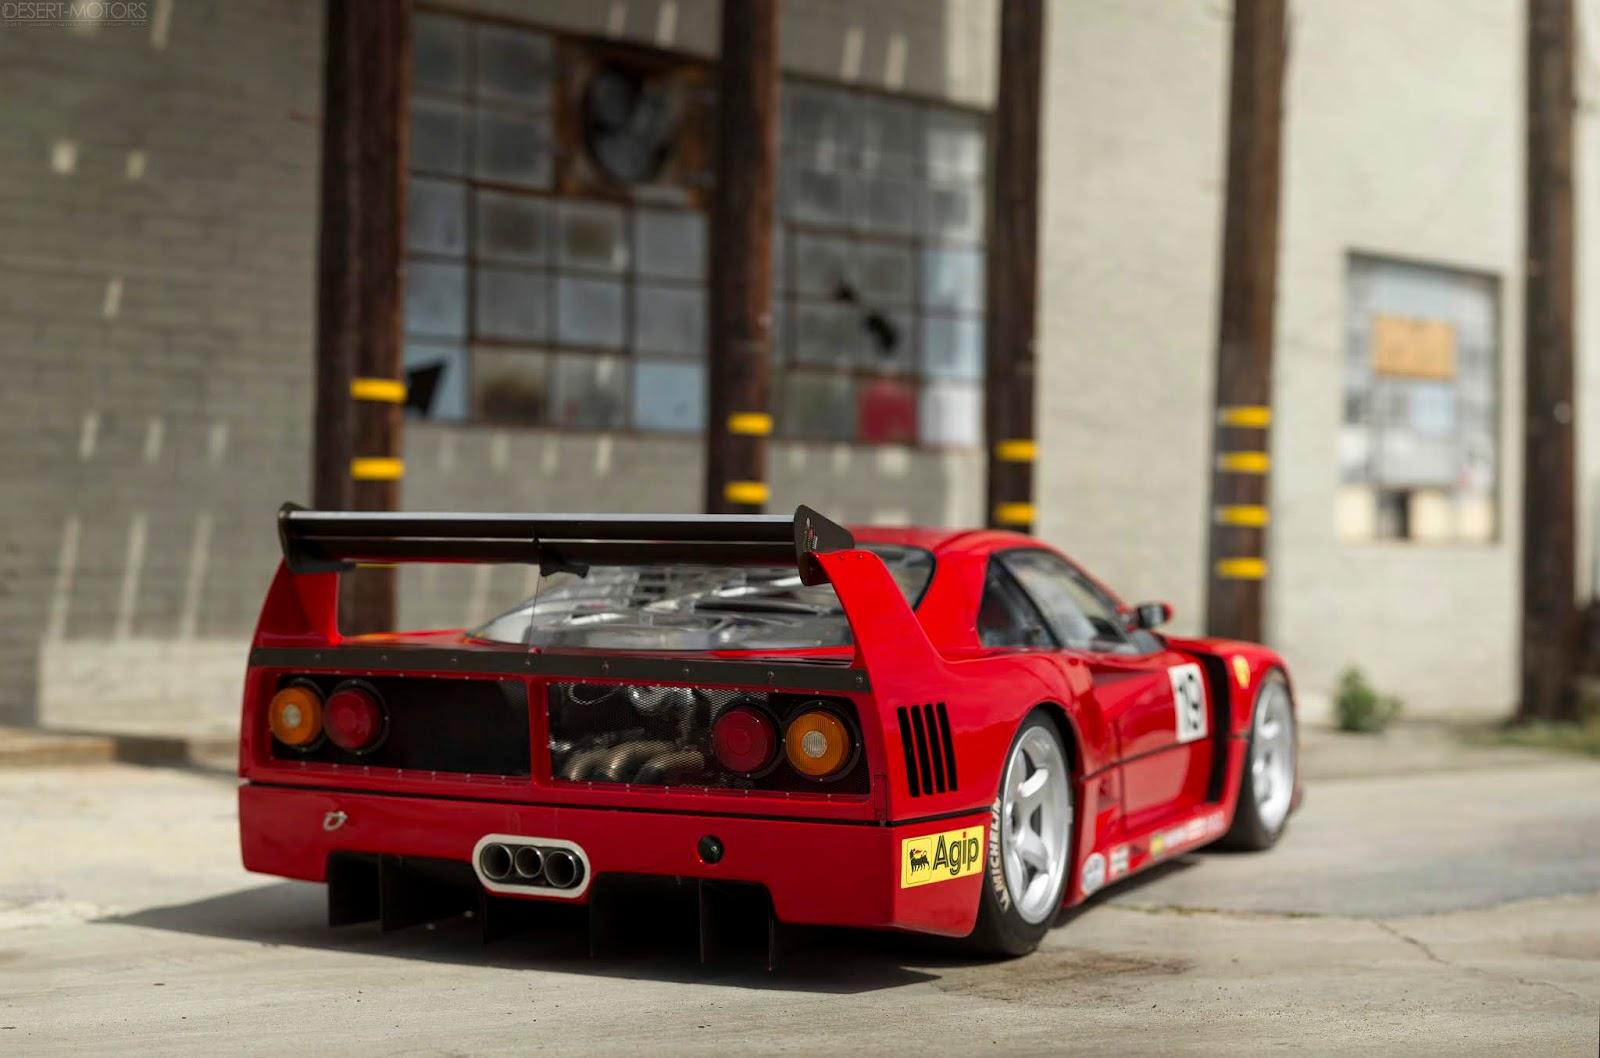 45258705021 b66c20c87e o F40. O μύθος, ο θρύλος F40, Ferrari, Ferrari F40, retrocar, retrocar sunday, zblog